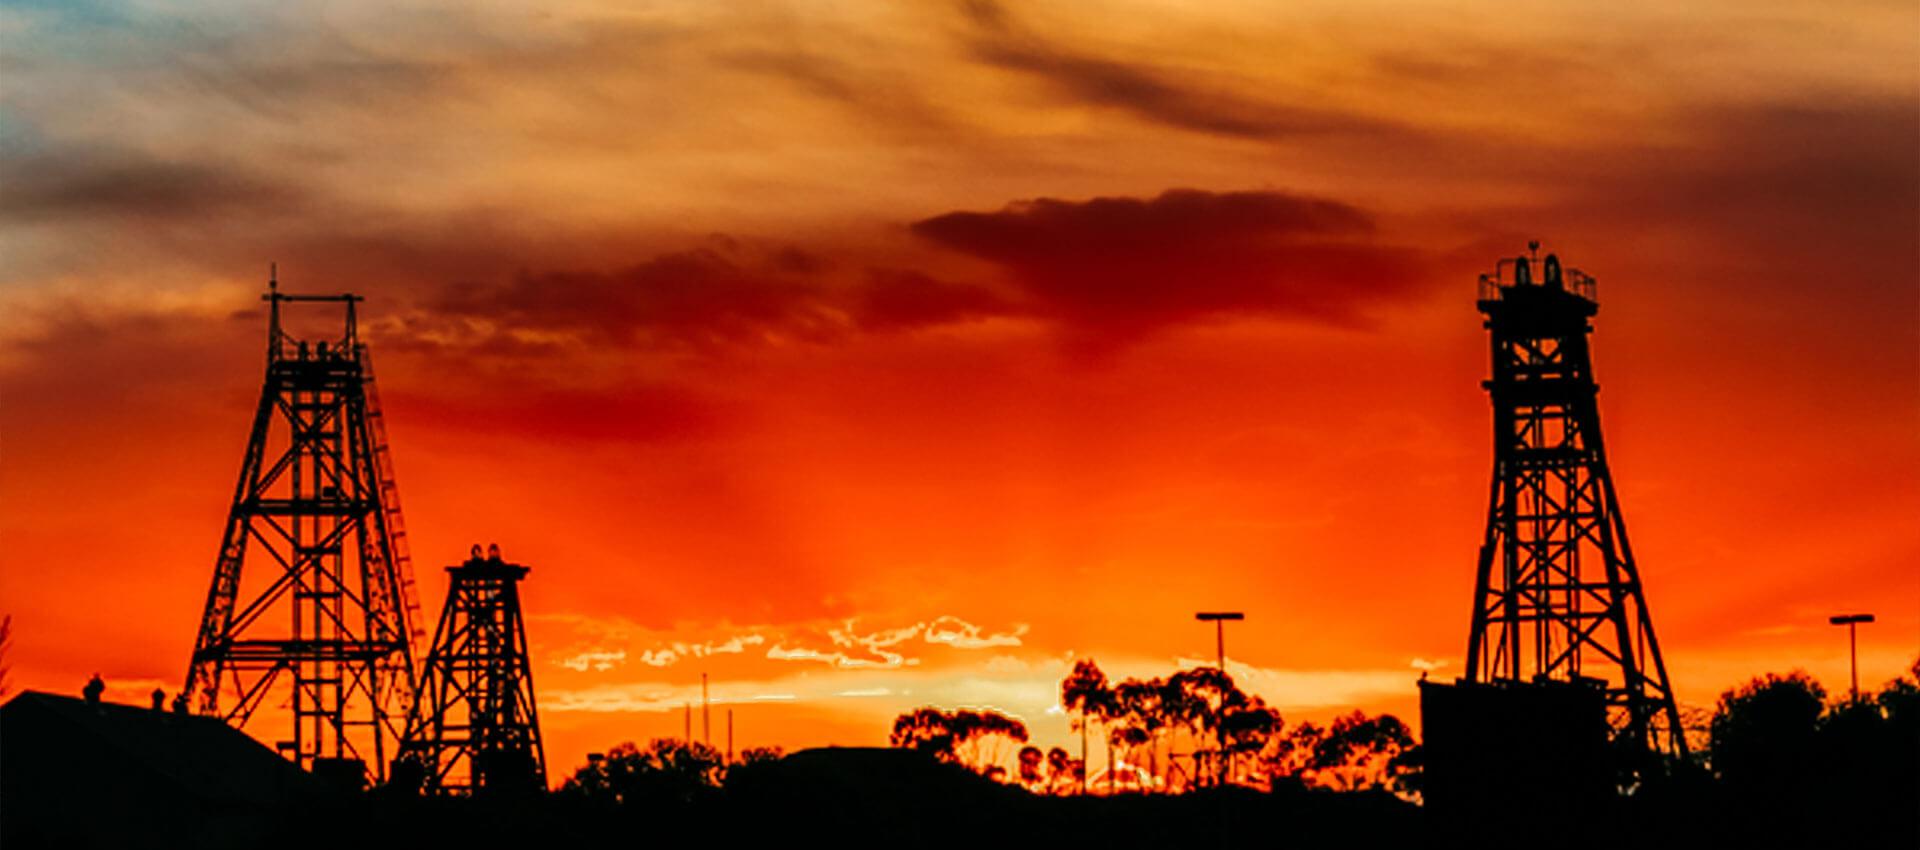 Goldfields Sunset - Photo by Dan Roissetter